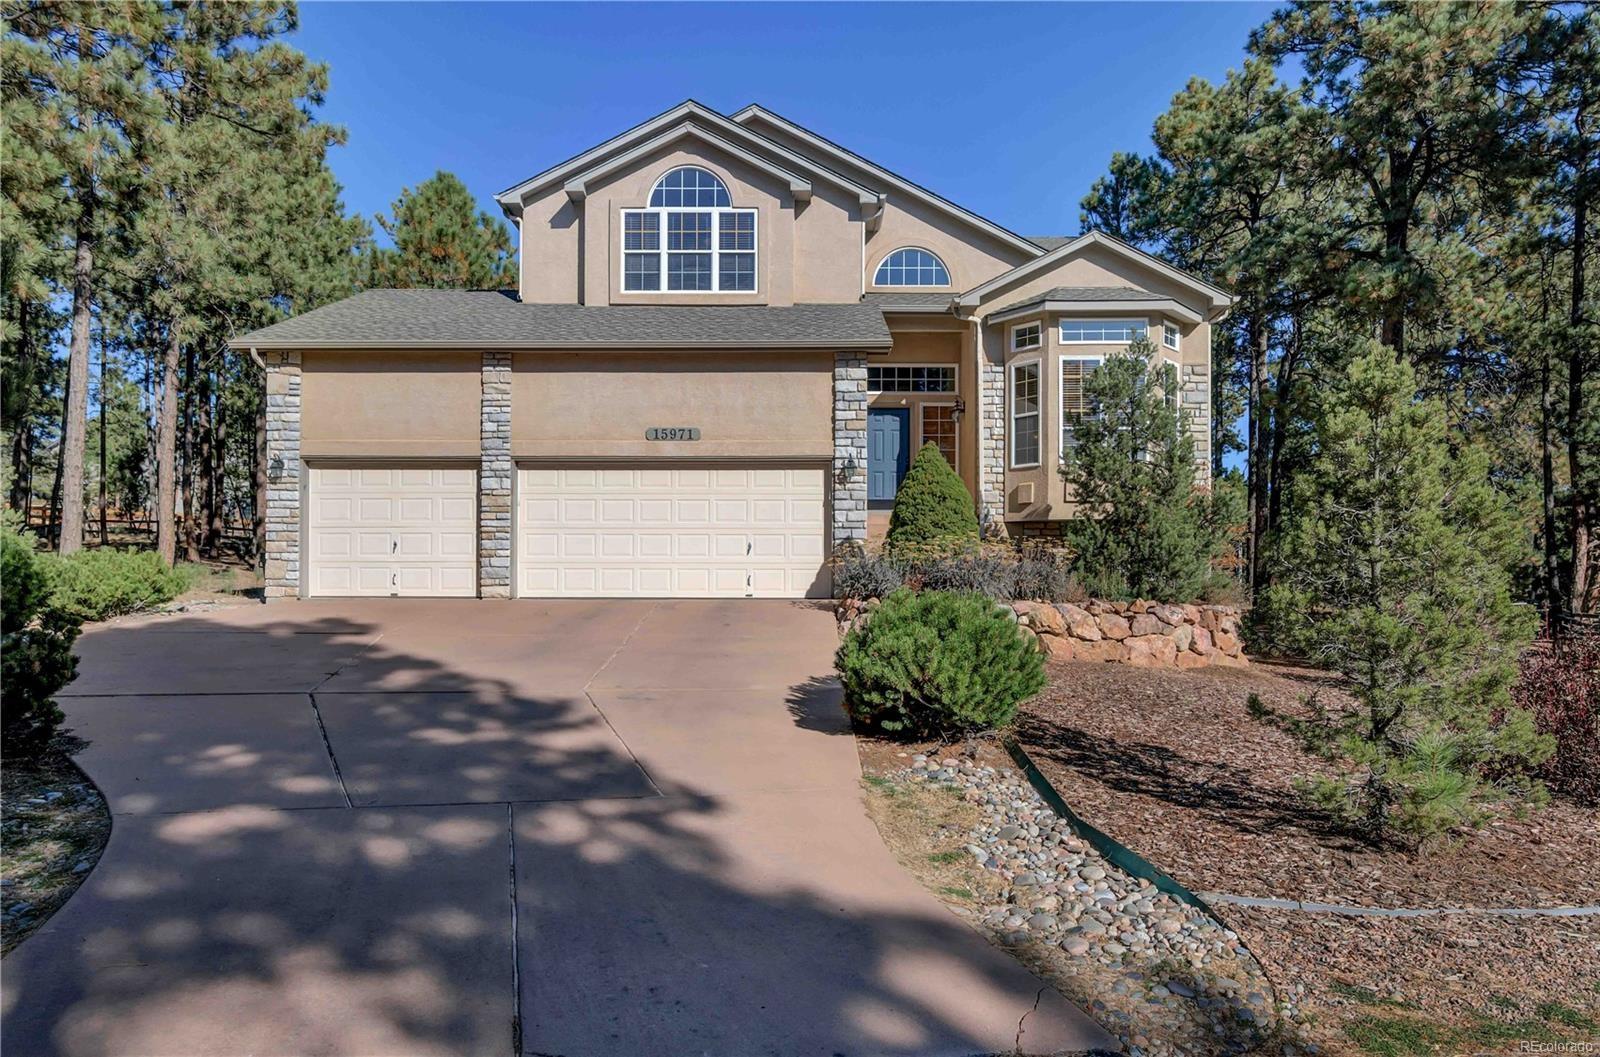 MLS# 5456451 - 1 - 15971 Woodmeadow Court, Colorado Springs, CO 80921